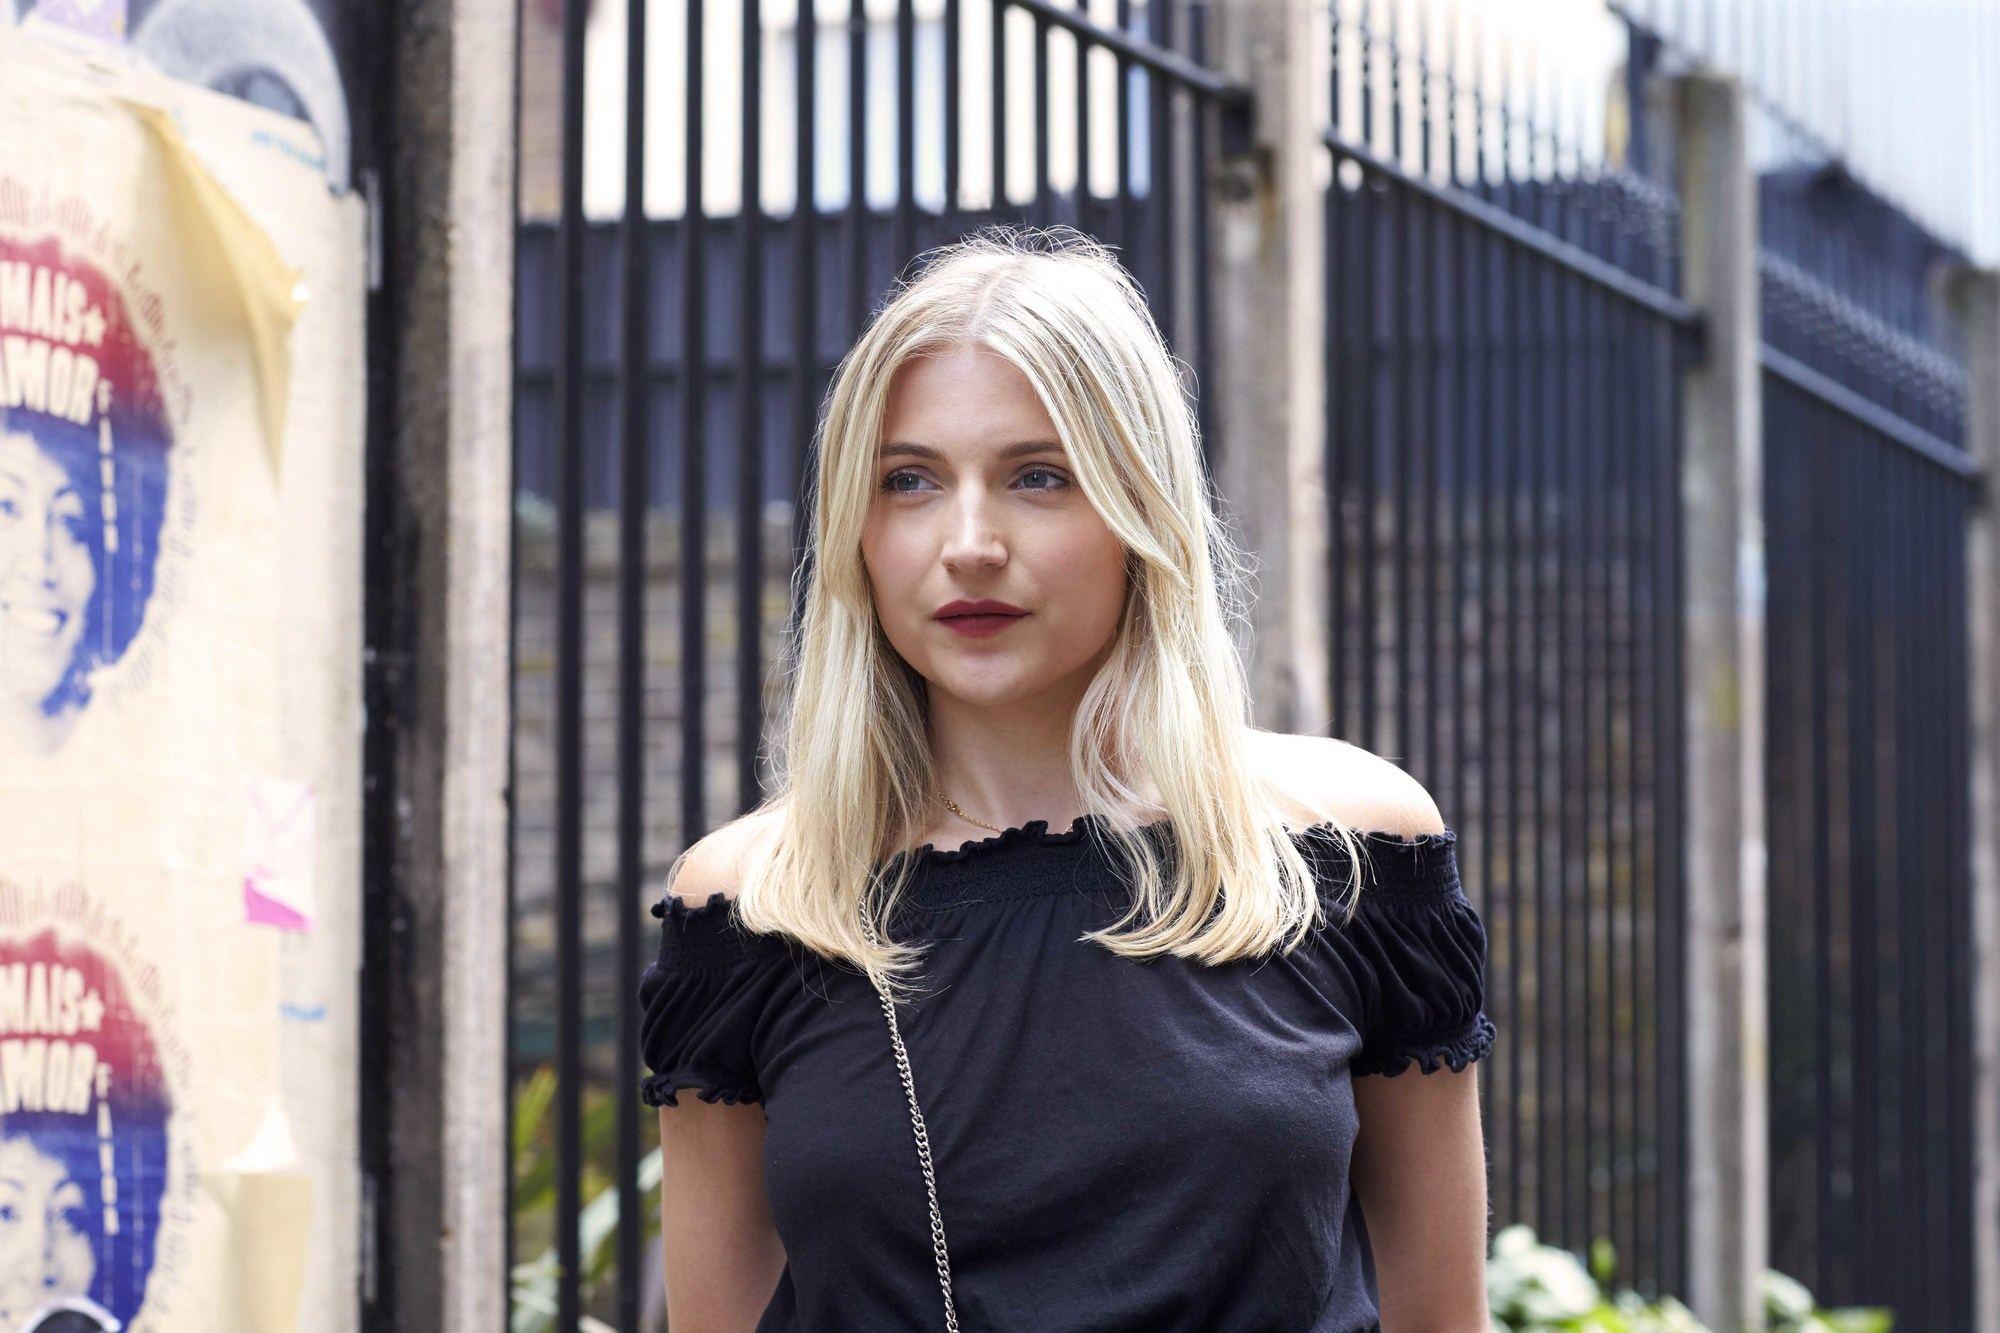 blonde cendrée : plan rapproché d'une femme aux cheveux blond clair moyen, portant un haut noir et posant dans la rue